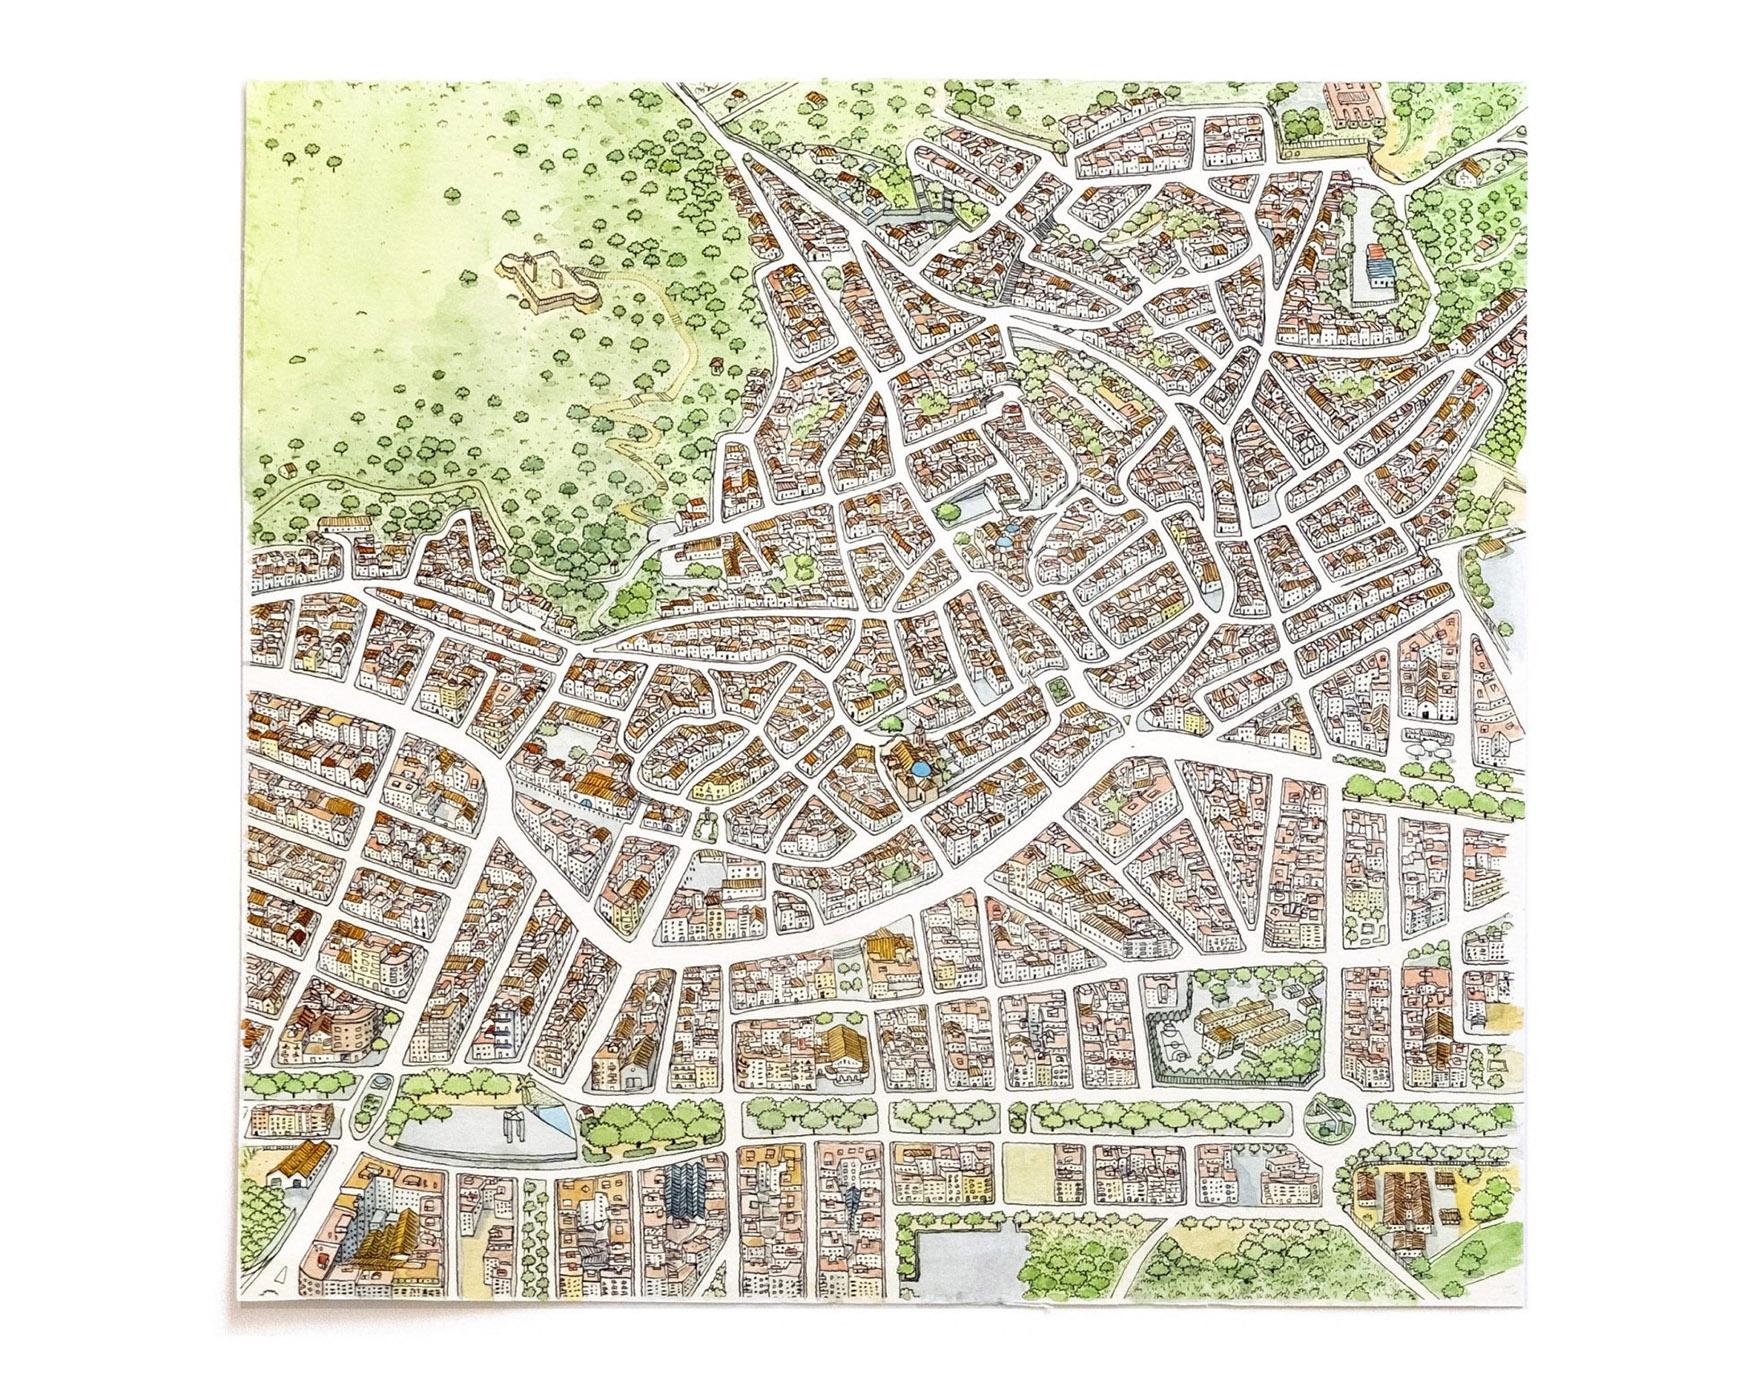 Dibujo original del mapa del centro histórico del municipio de Oliva, en La Safor (Valencia). Ilustración turística